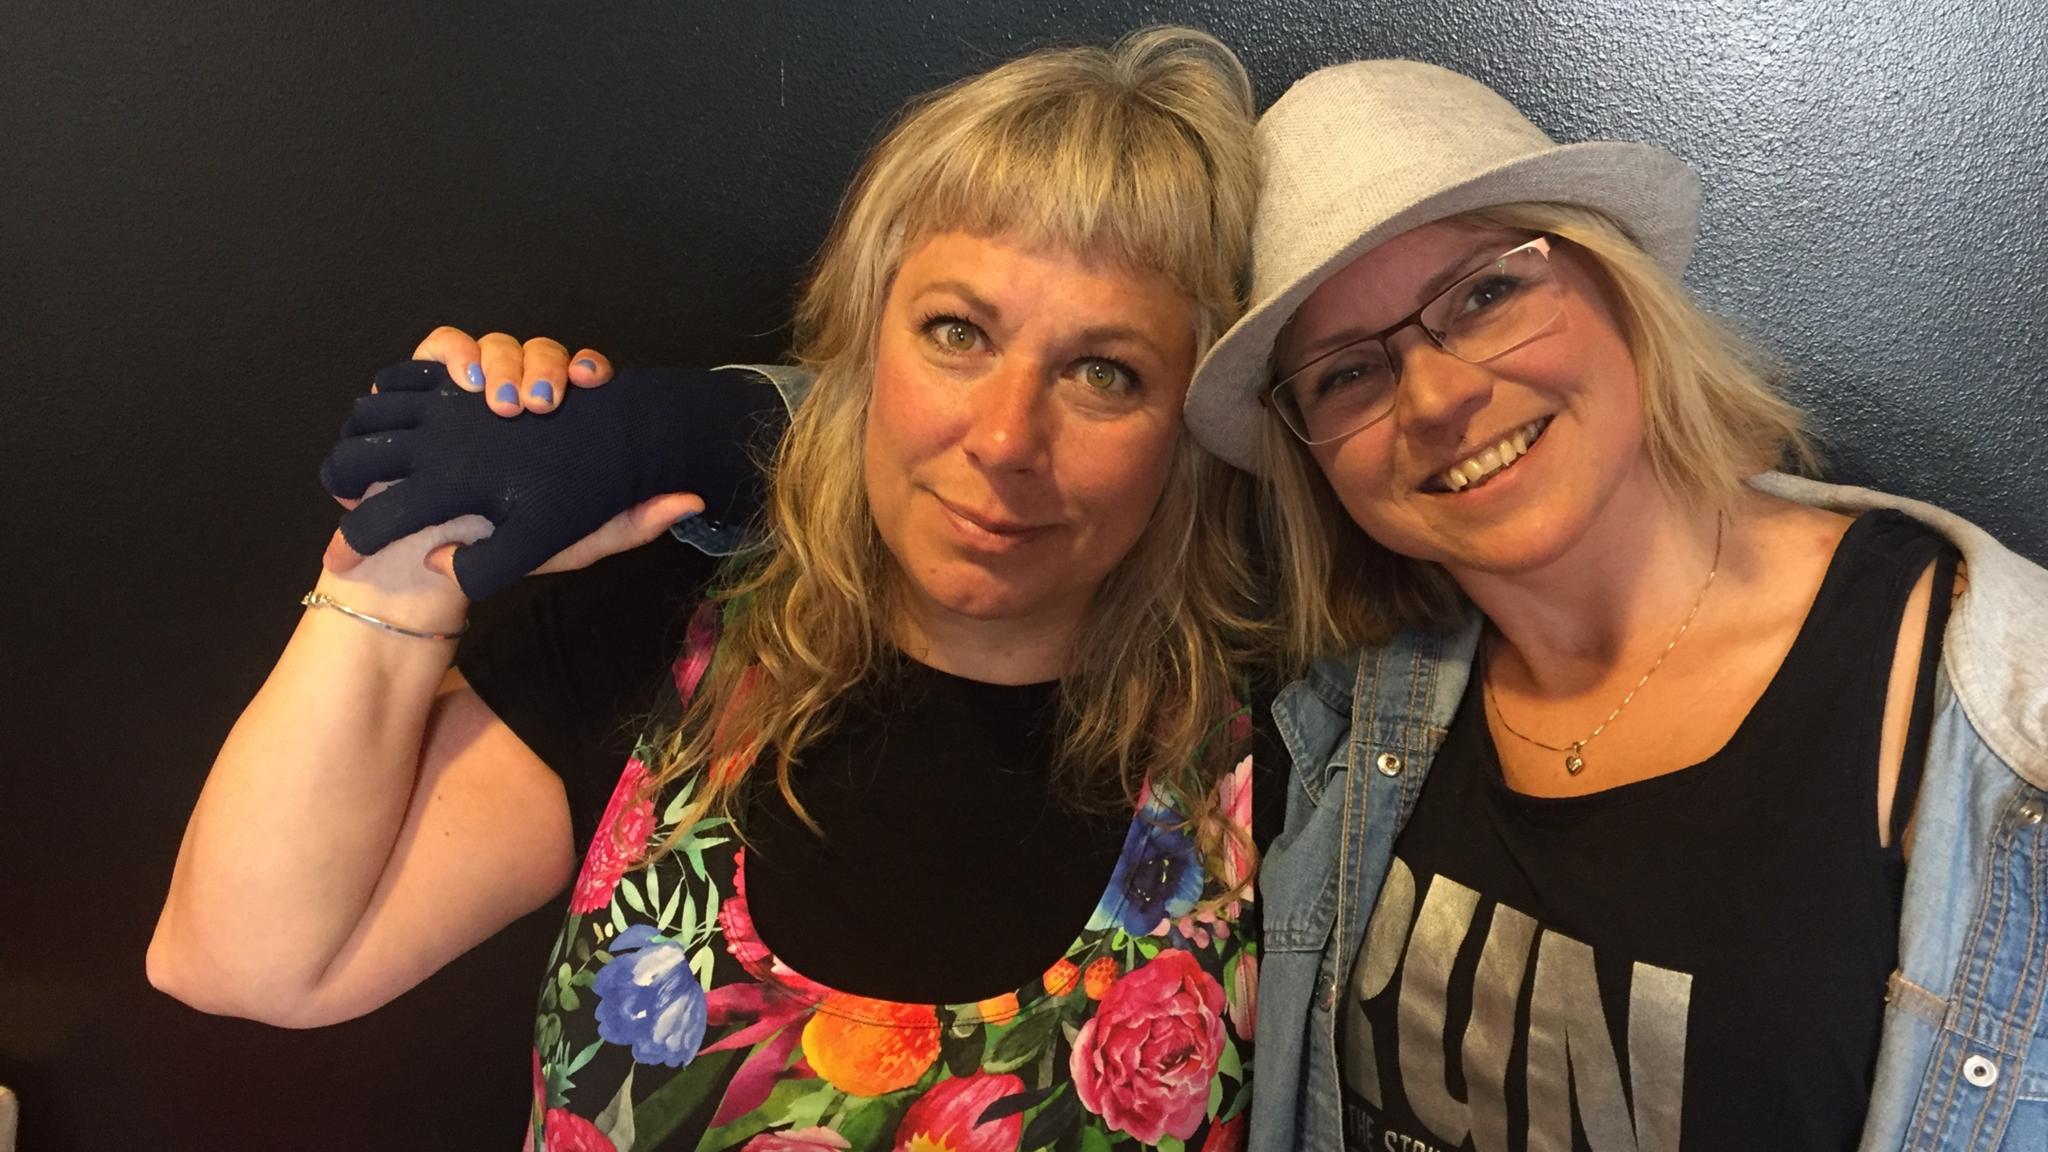 Stina Wollter med Charlotta Lindgren, som pratar om den avklädda kroppen. Foto: Johanna Fellenius / SR.